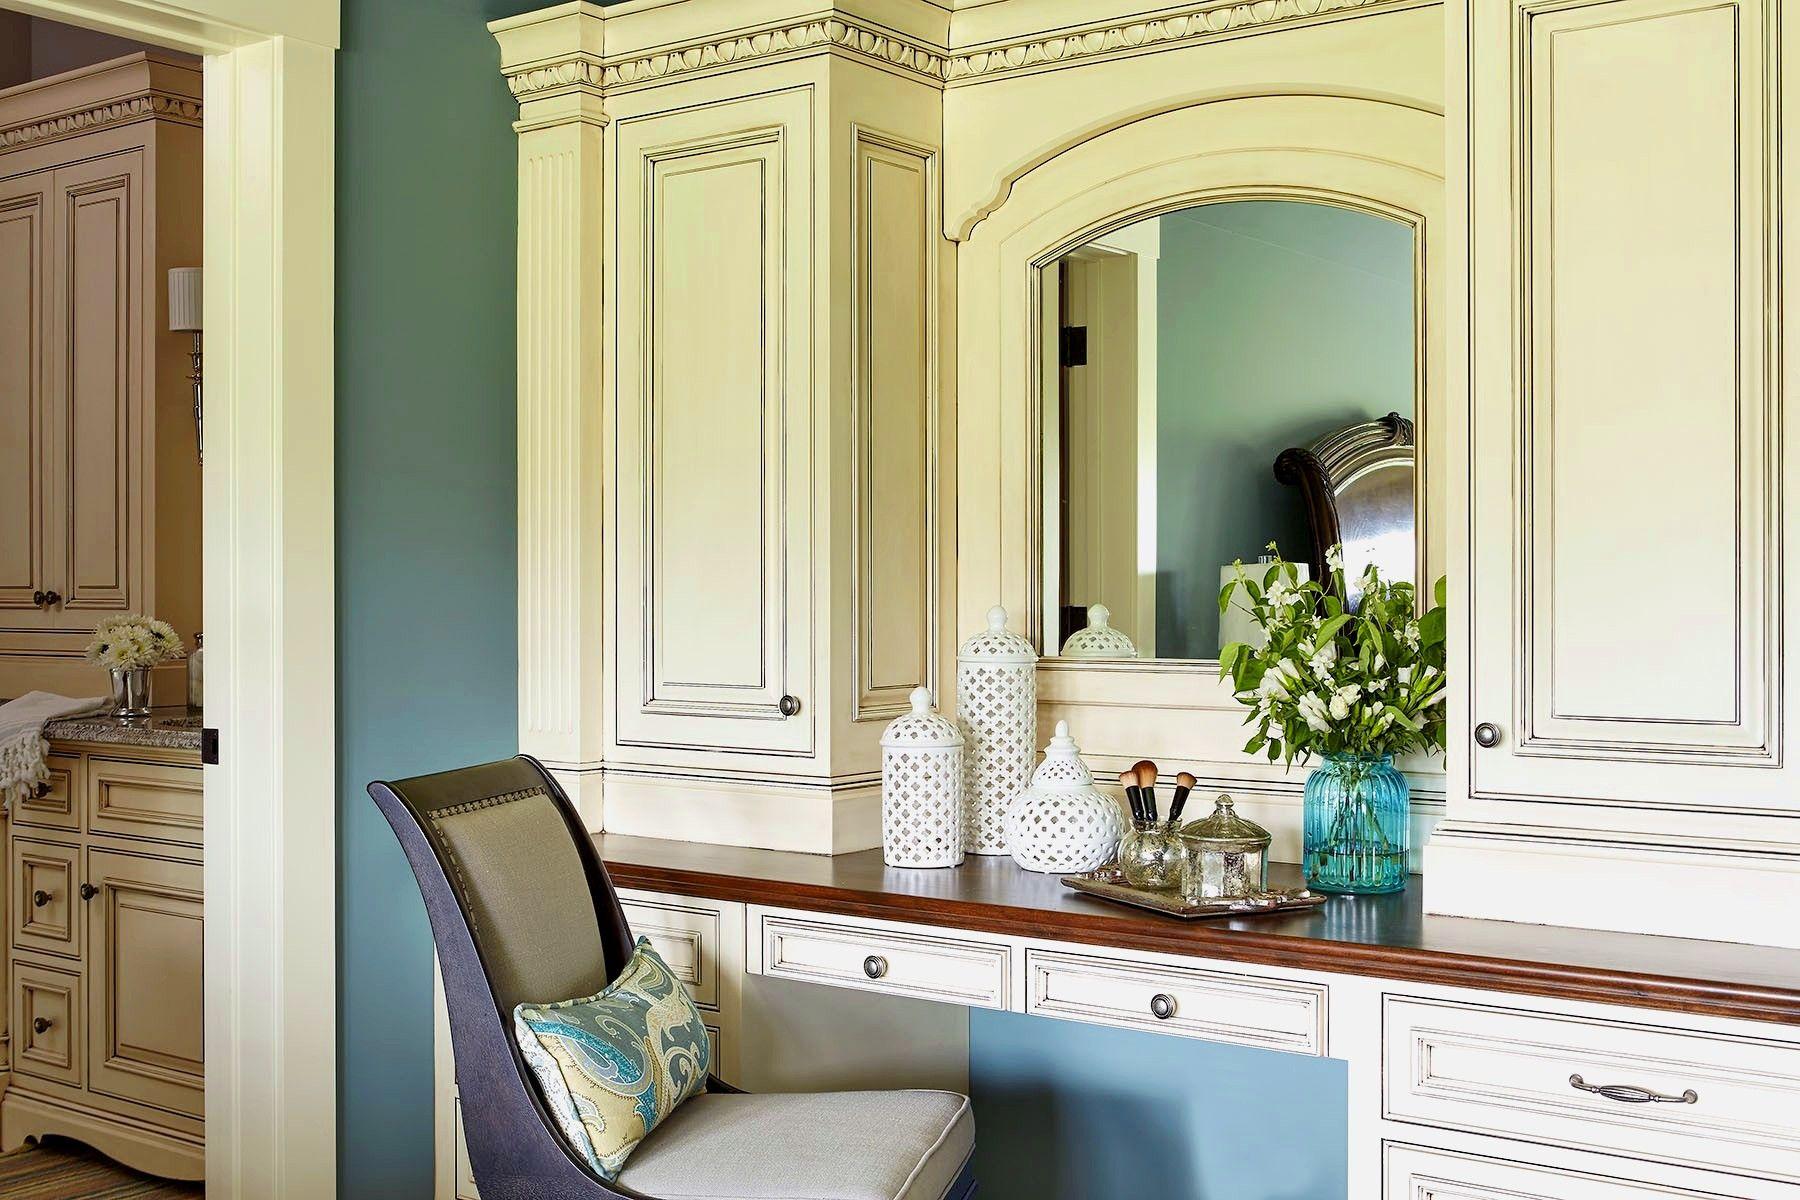 Туалетный столик с зеркалом является неотъемлемой частью интерьера спальни в классическом стиле